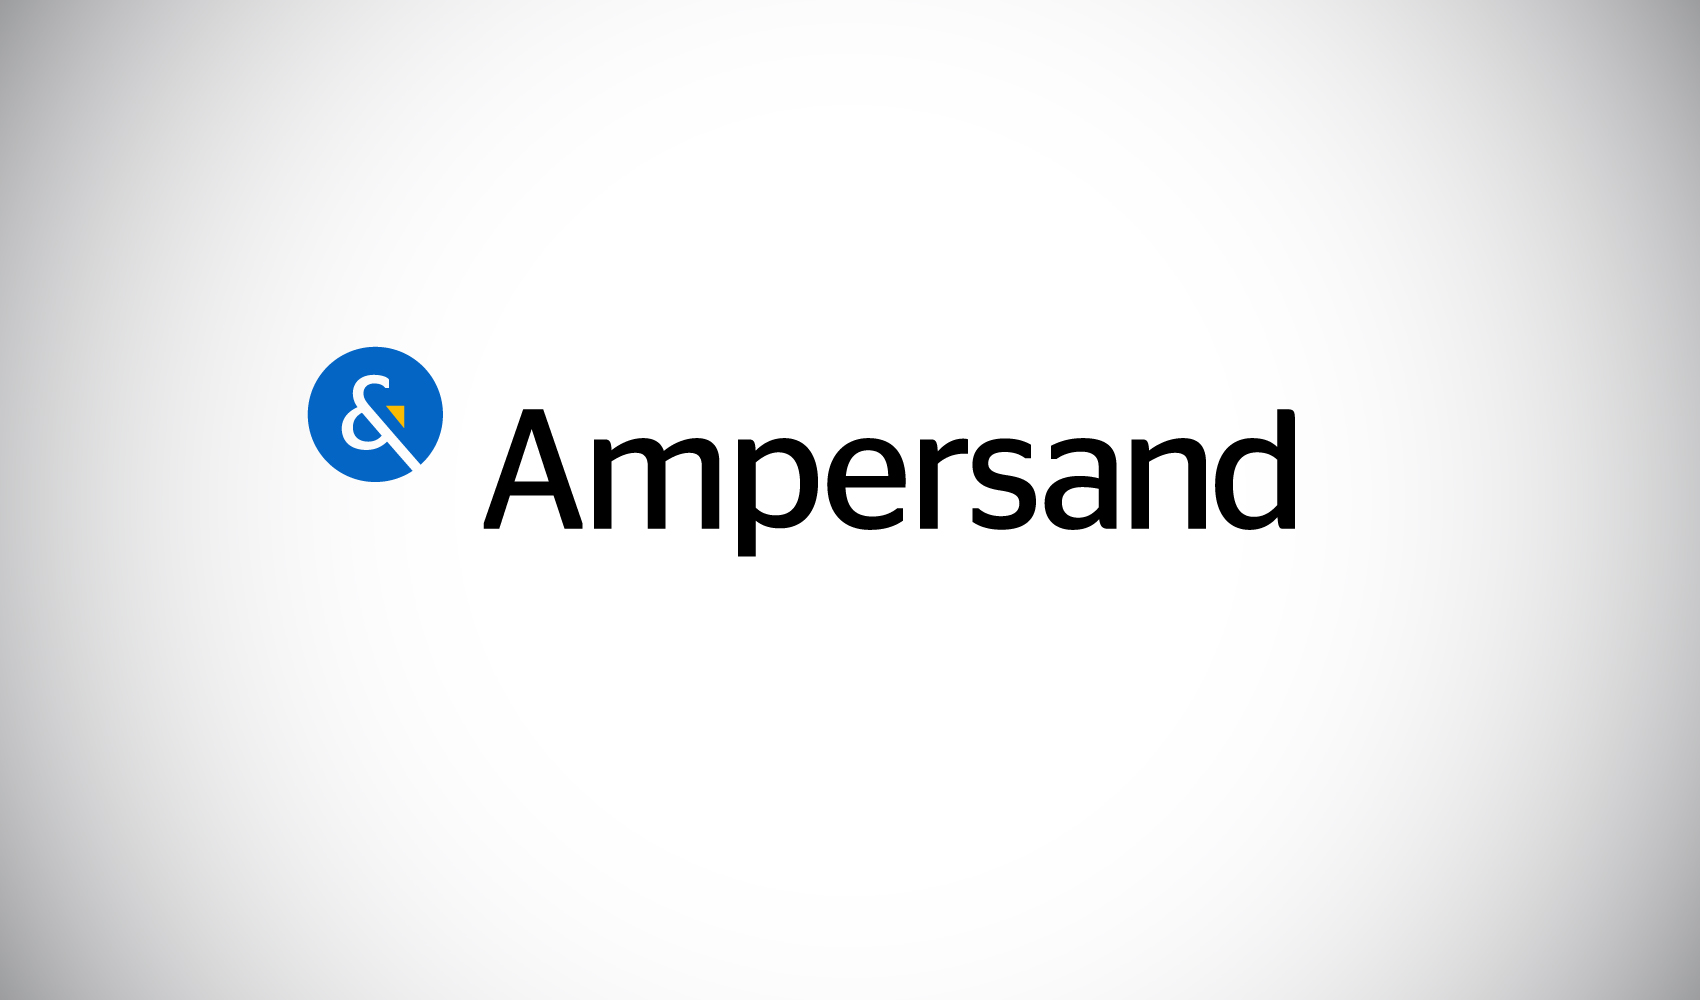 Ampersand-01.jpg